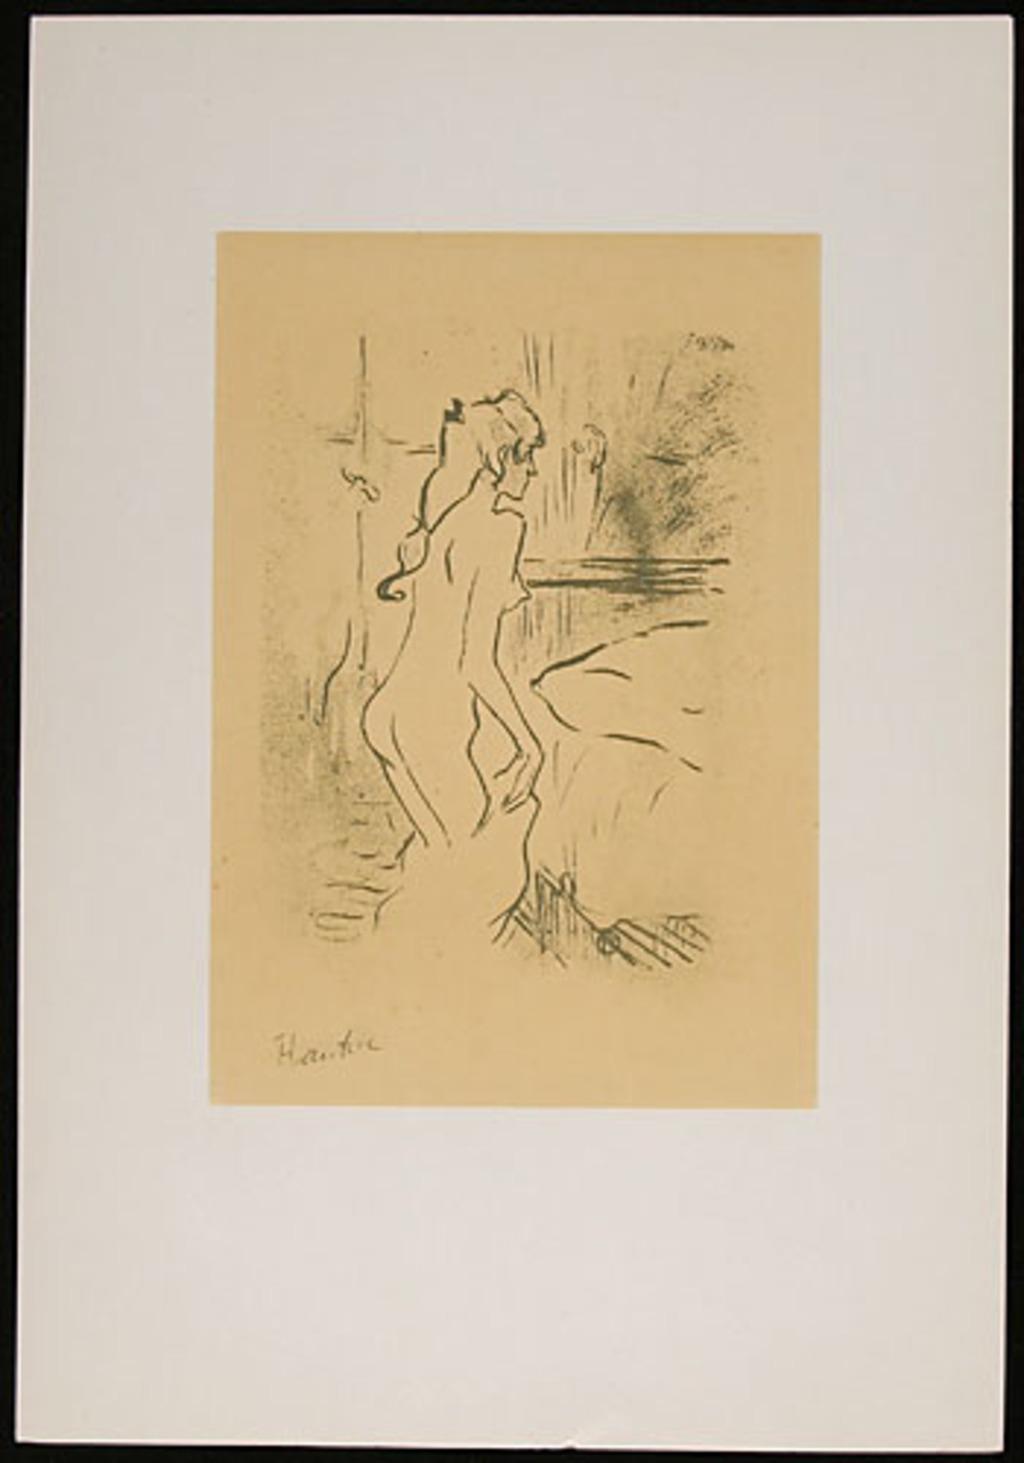 Étude de femme, de l'album «Toulouse-Lautrec, douze lithographies»